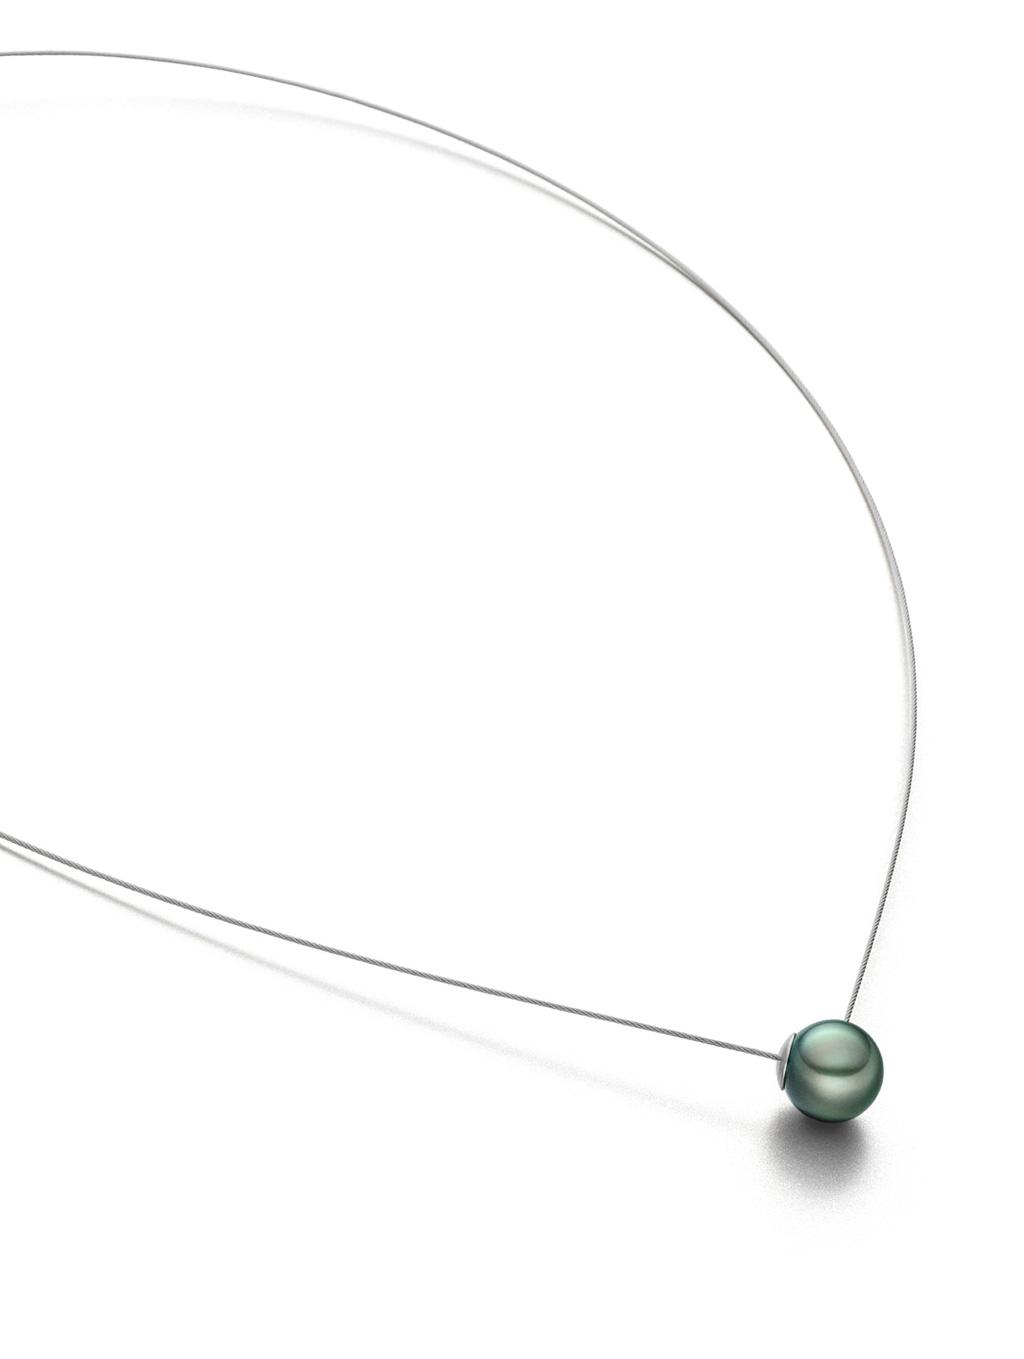 collier one tahiti, stahlseil, magnetverschluss in der perle